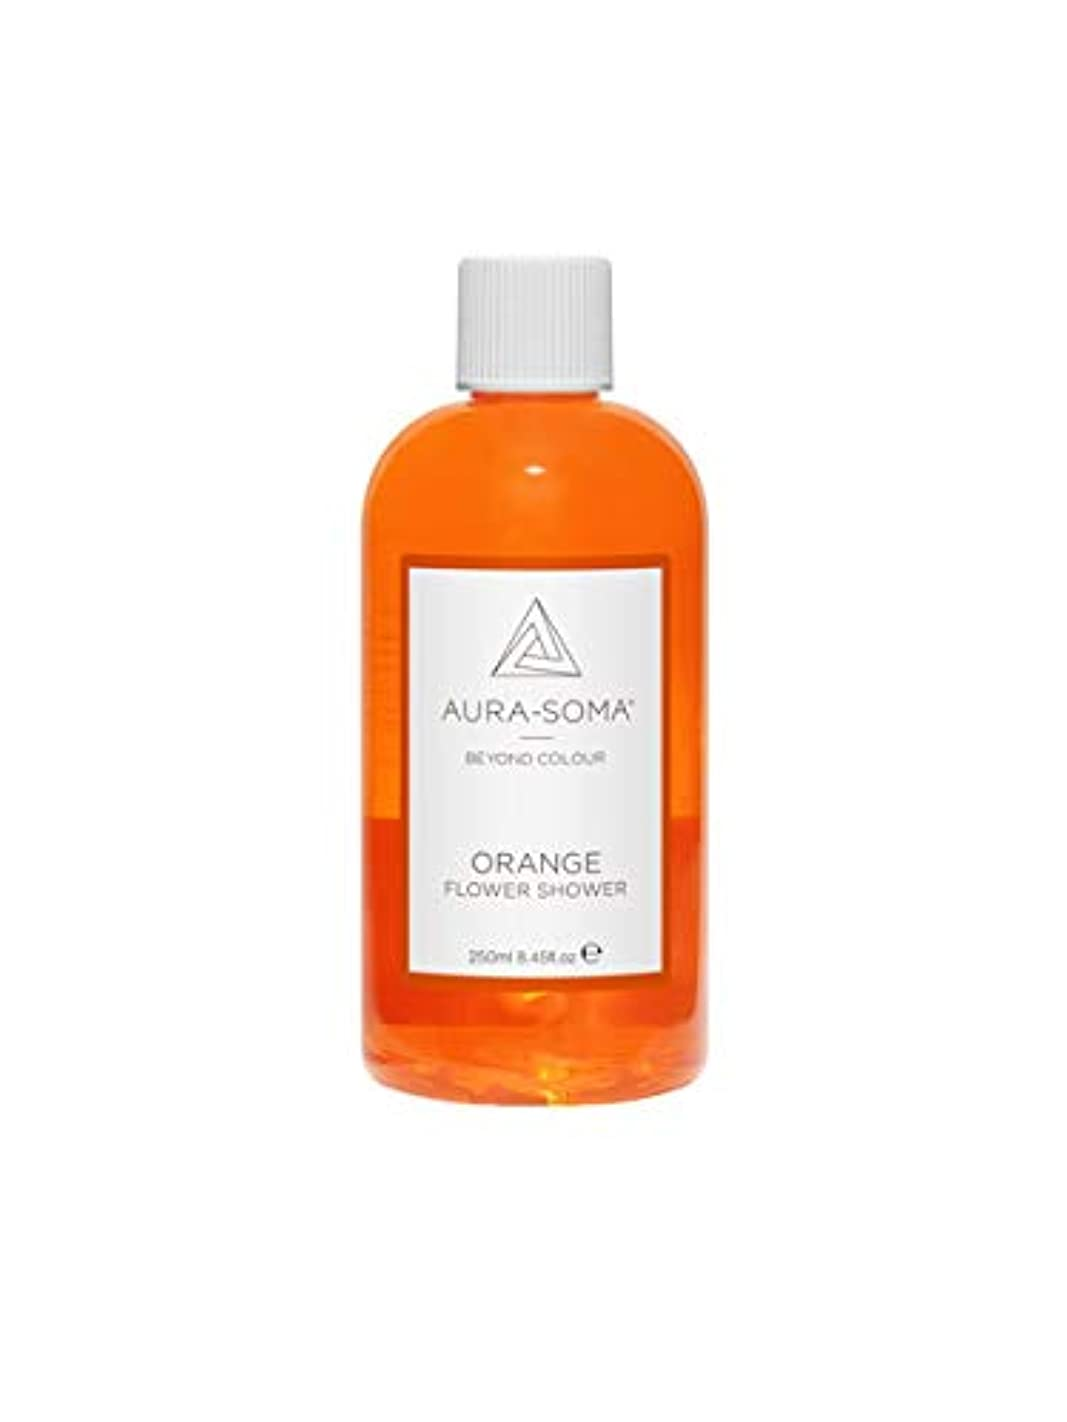 チャット連邦メジャーフラワーシャワー 250ml オレンジ